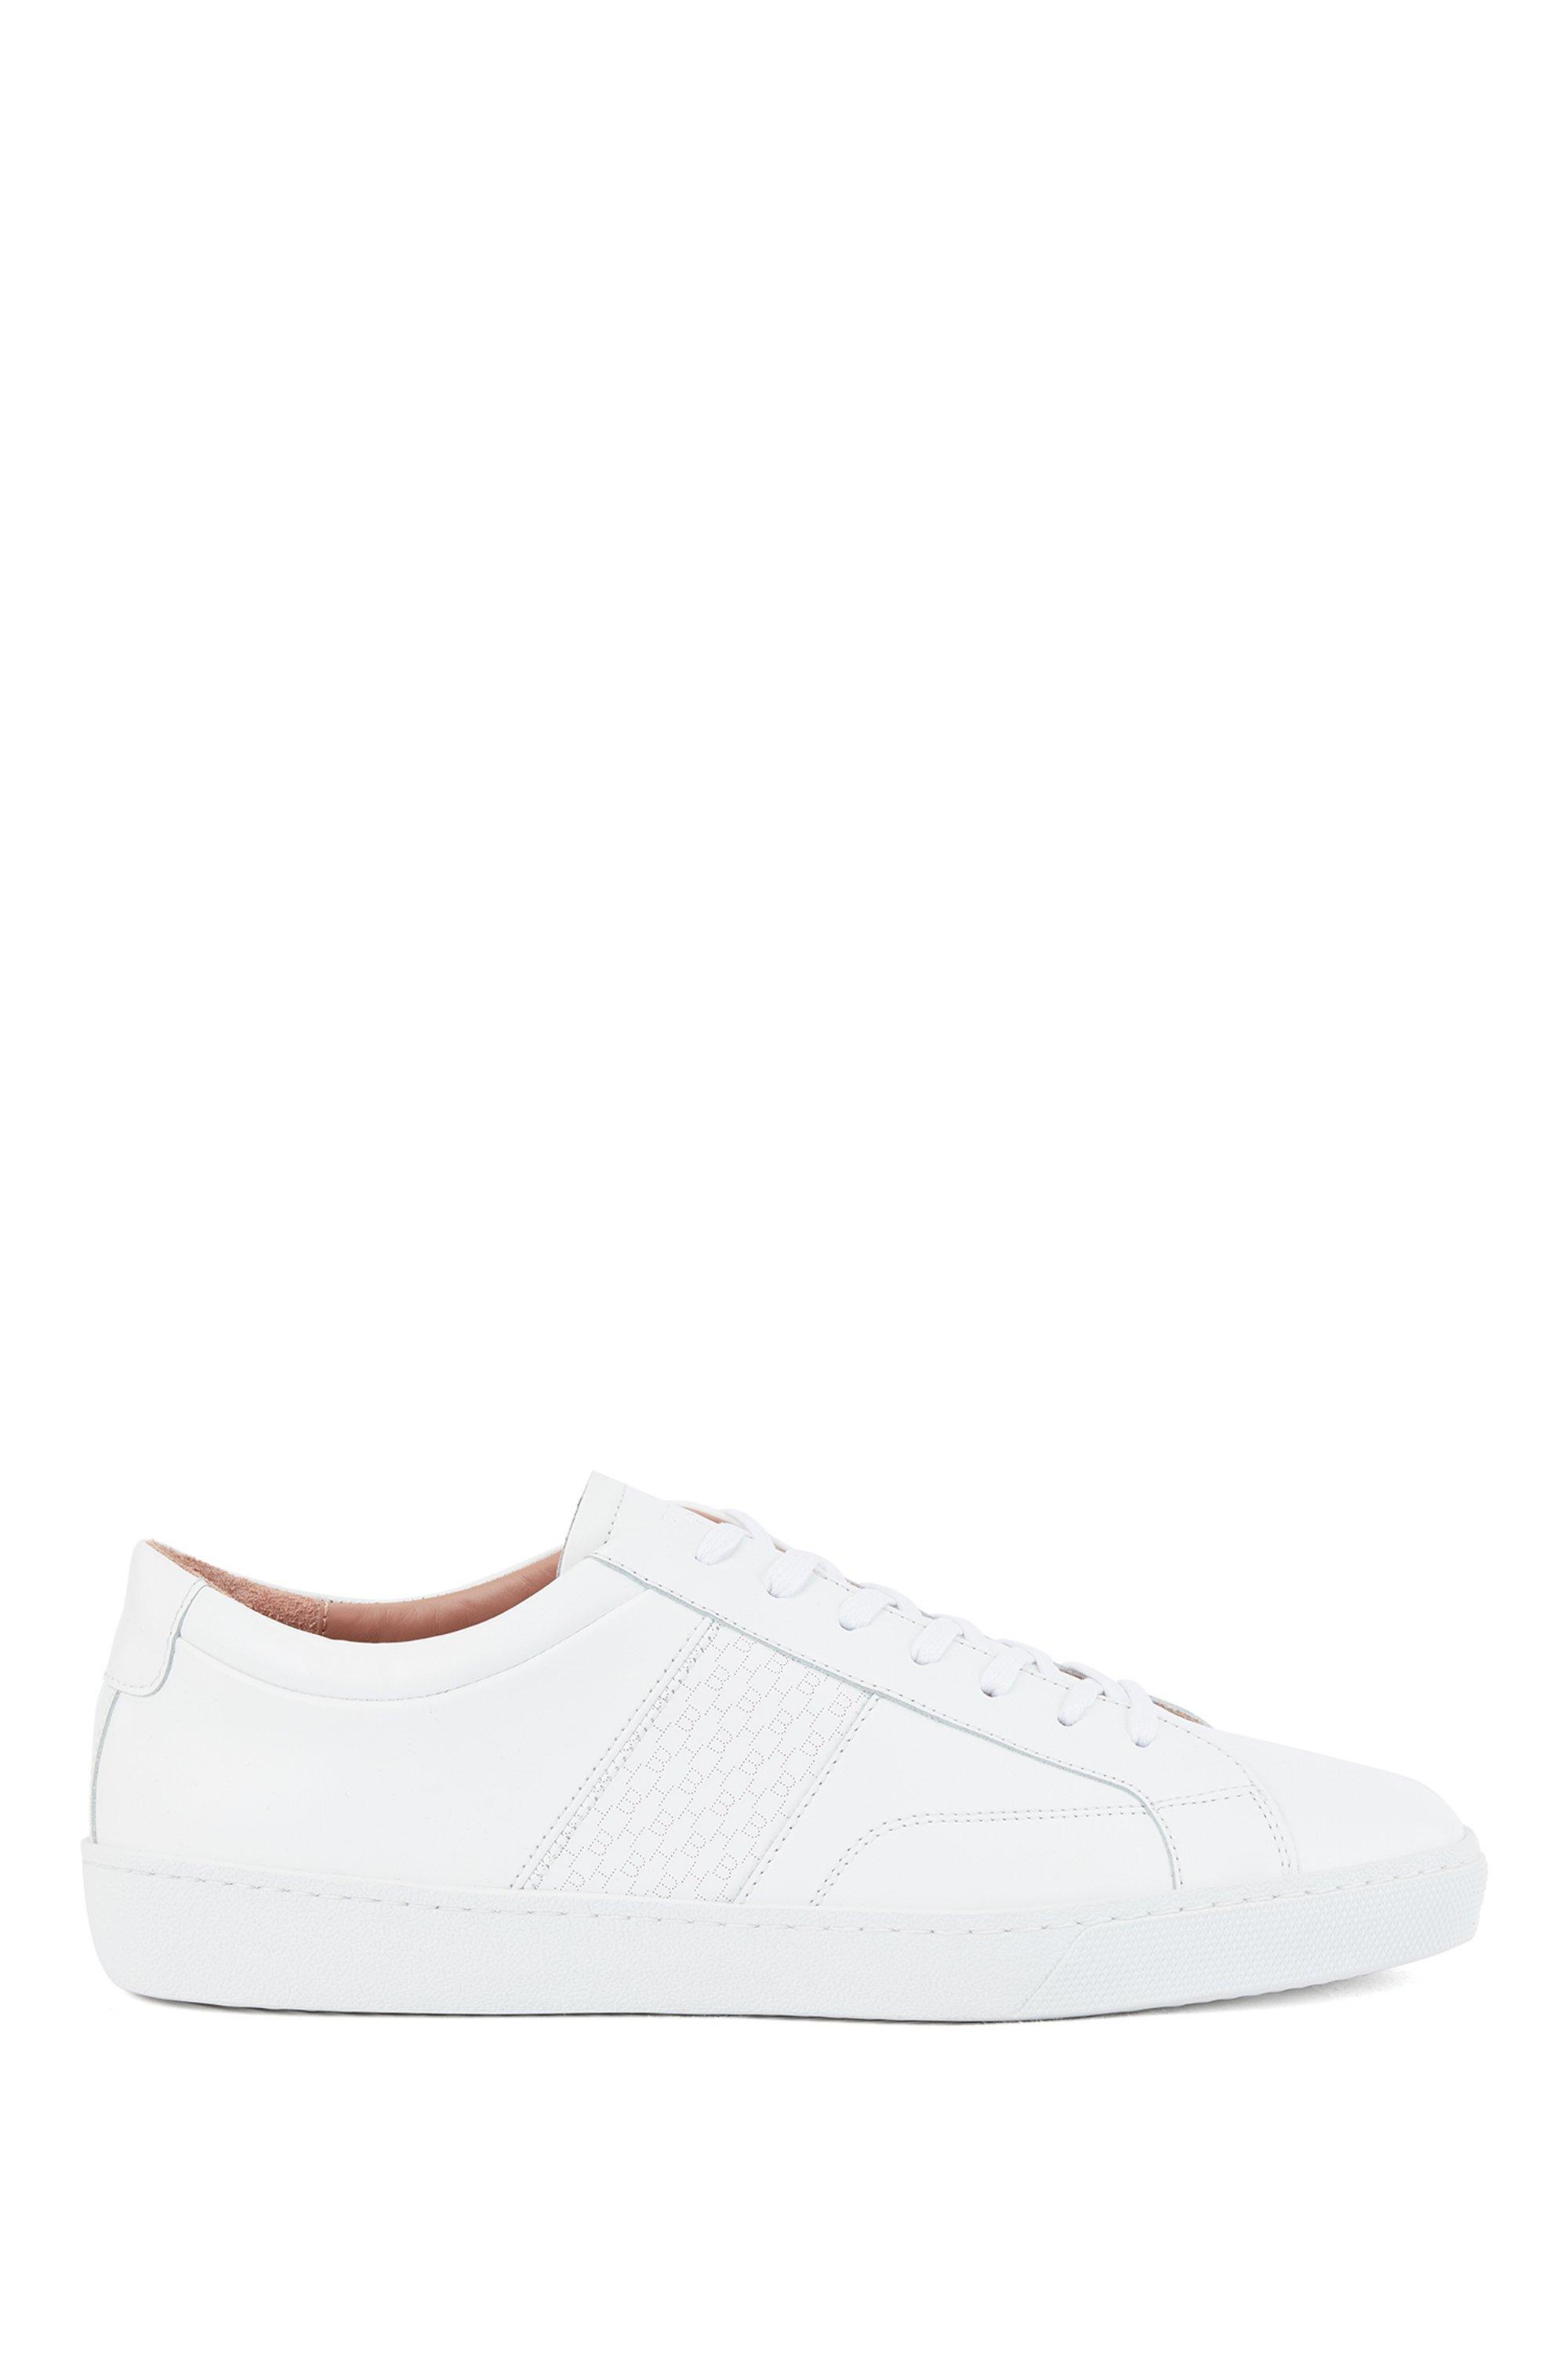 Sneakers basse in pelle italiana con pannello con monogramma, Bianco